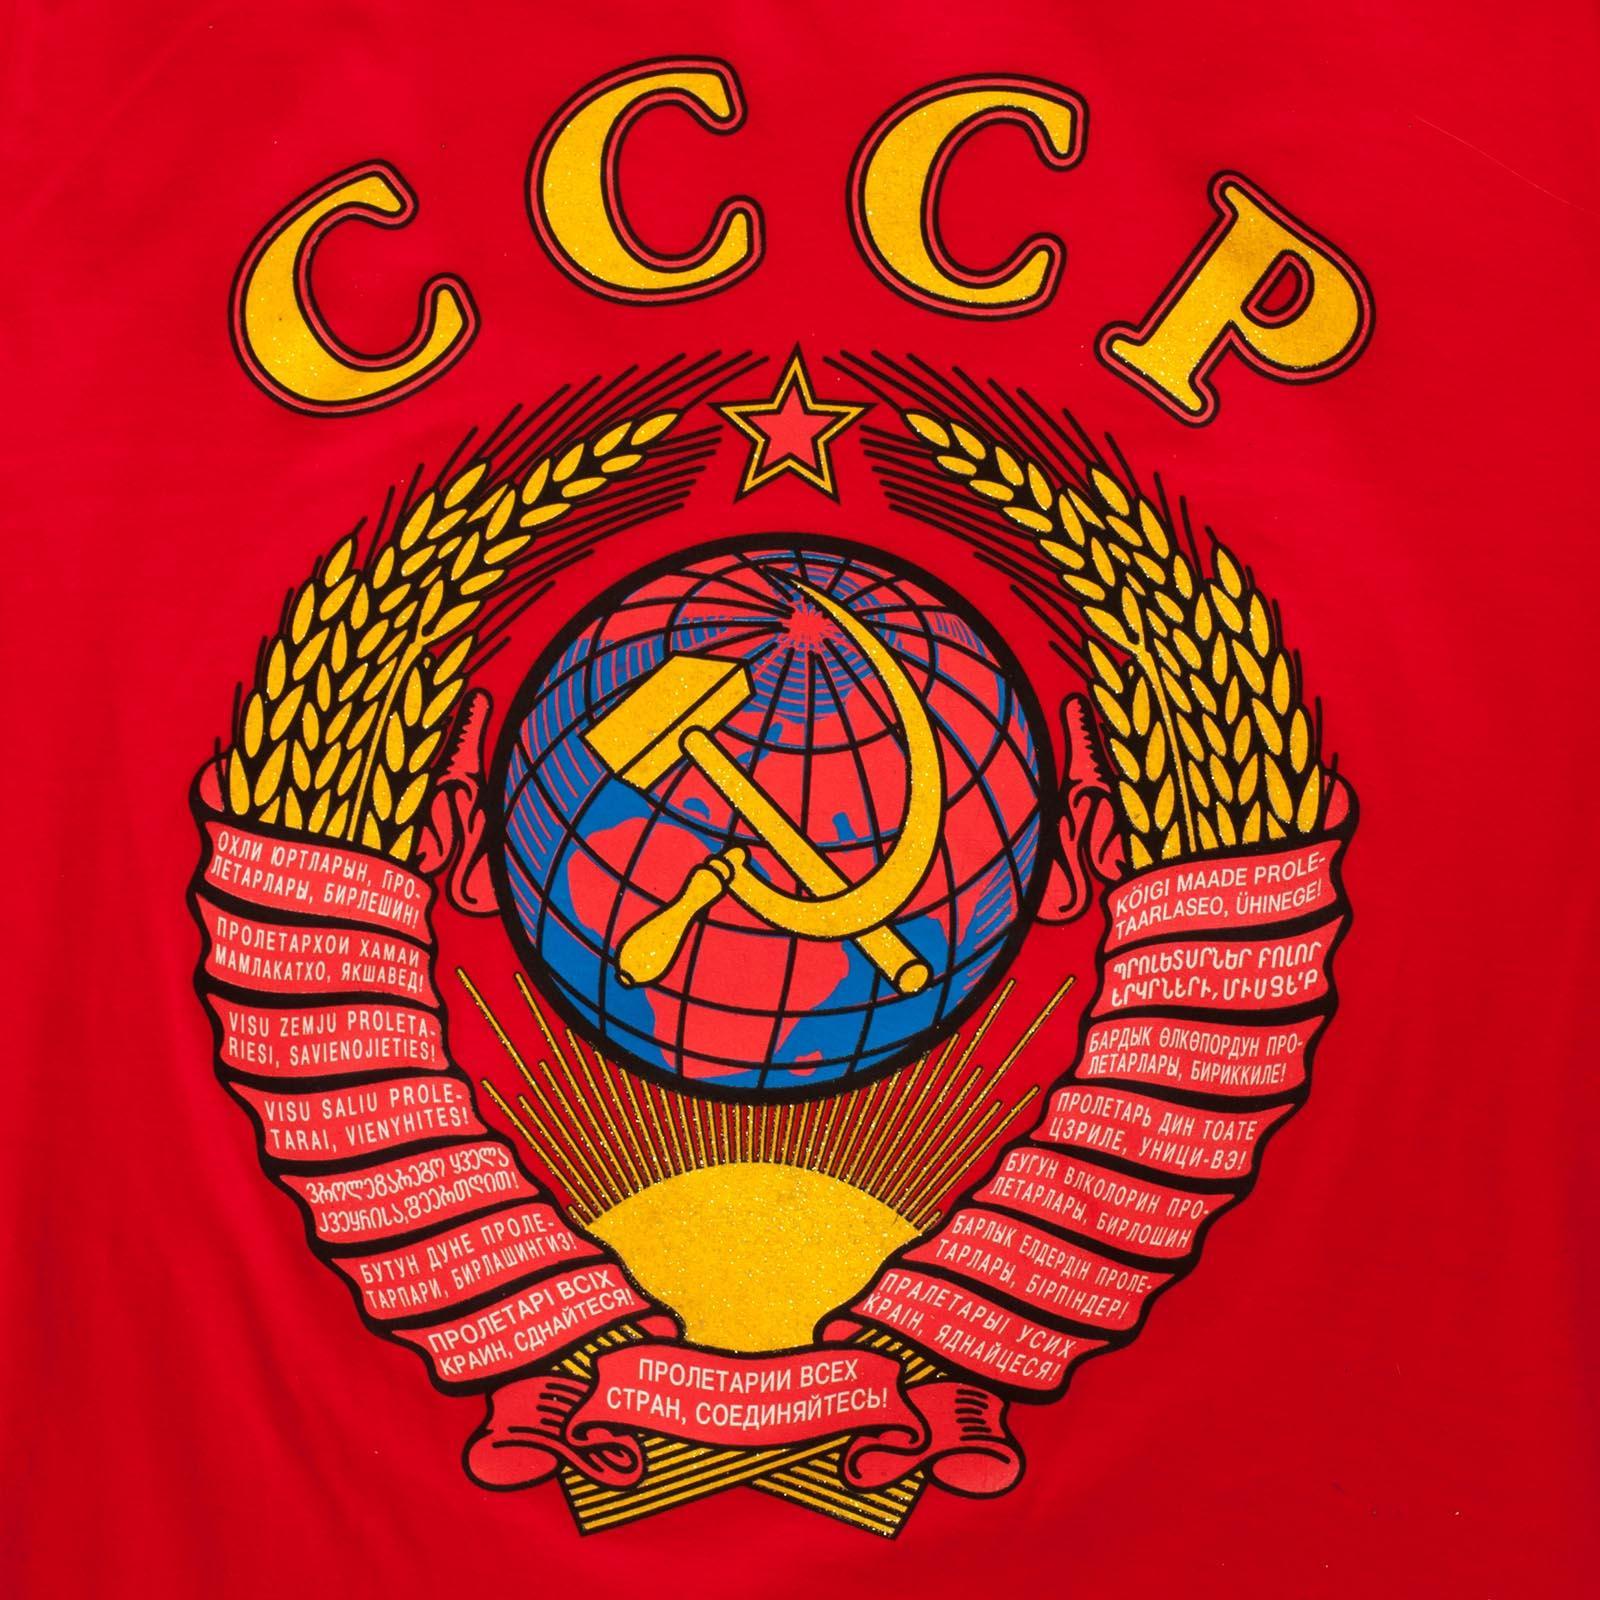 Картинки советского герба